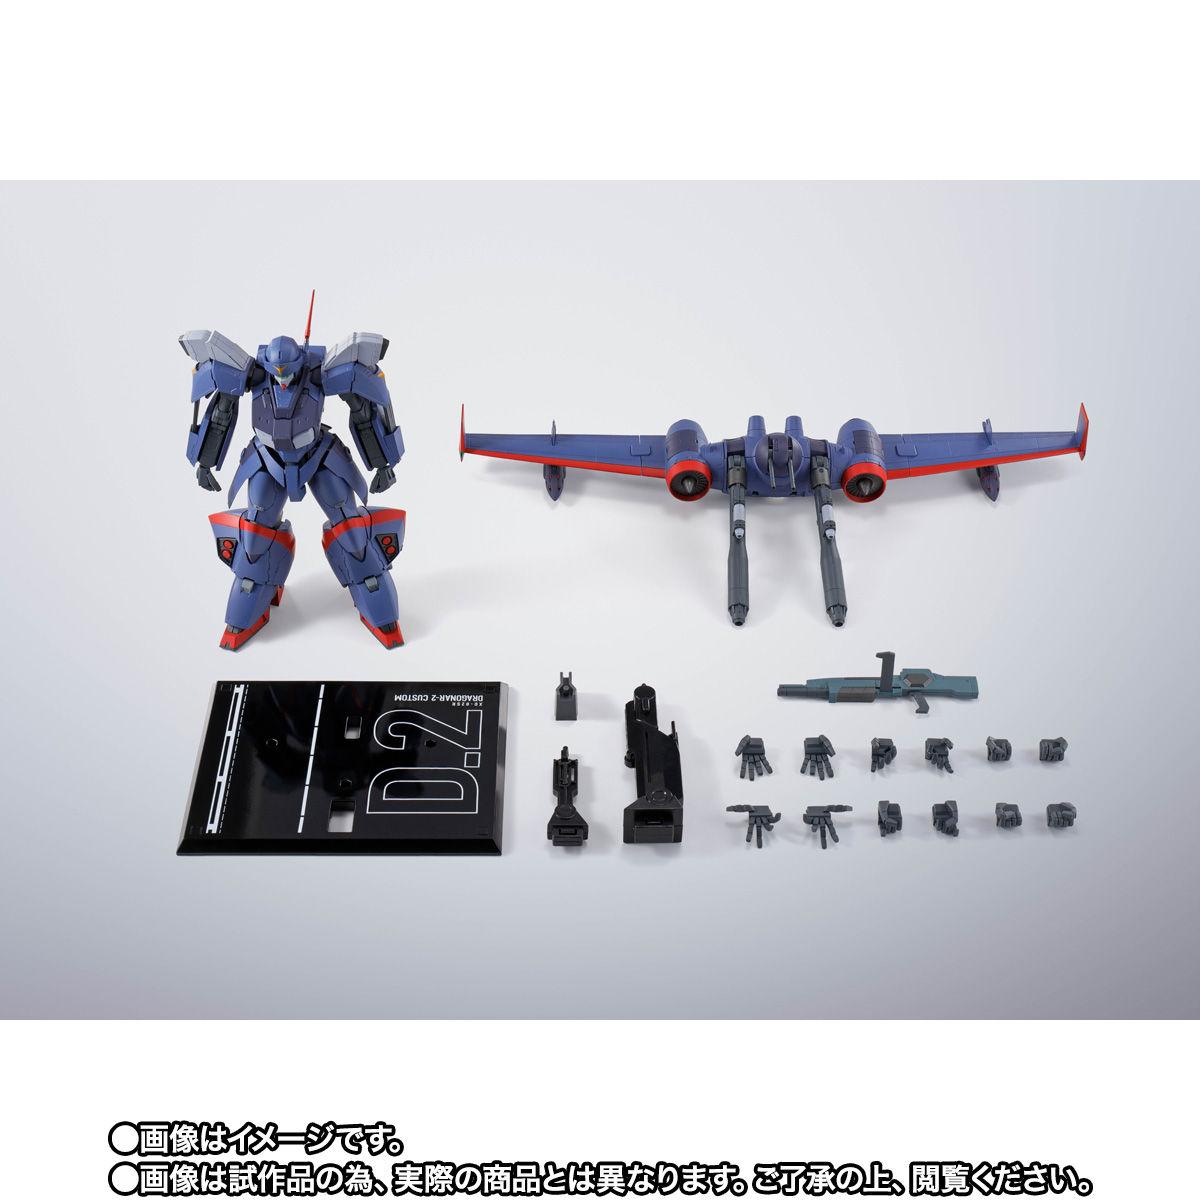 【限定販売】HI-METAL R『ドラグナー2カスタム』機甲戦記ドラグナー 可動フィギュア-010